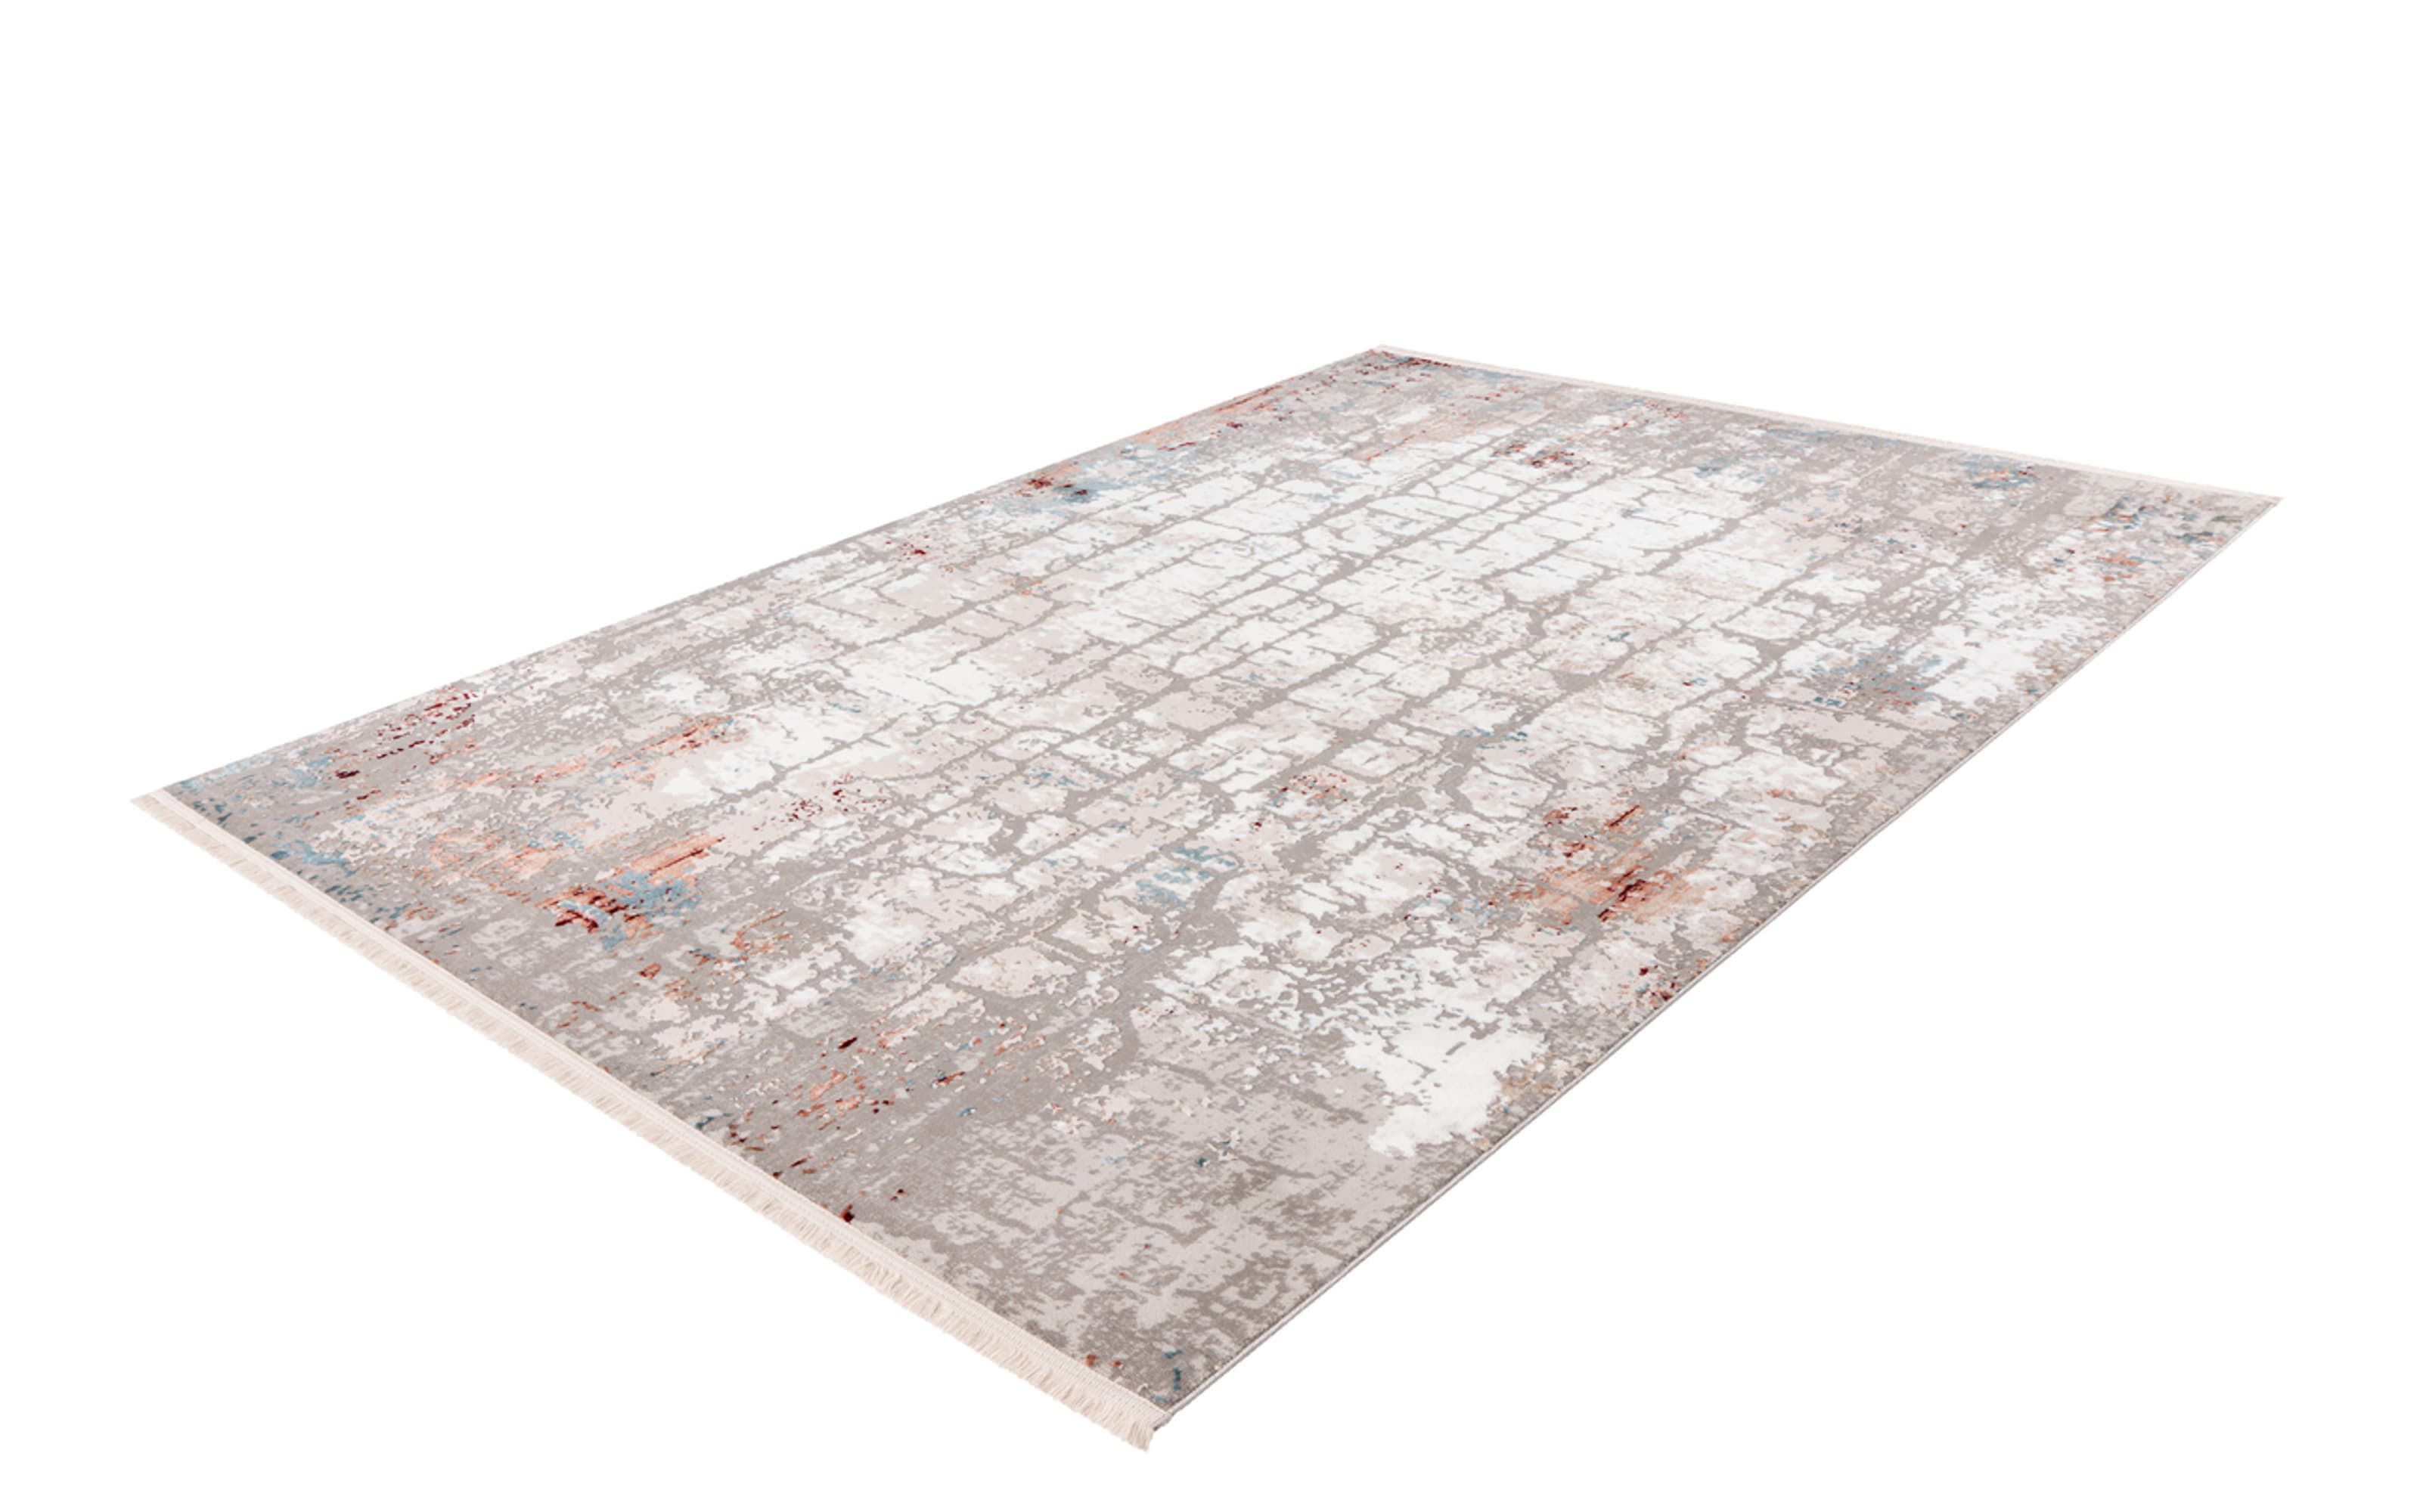 Teppich Akropolis 125 in grau/lachsrosa, ca. 80 x 150 cm